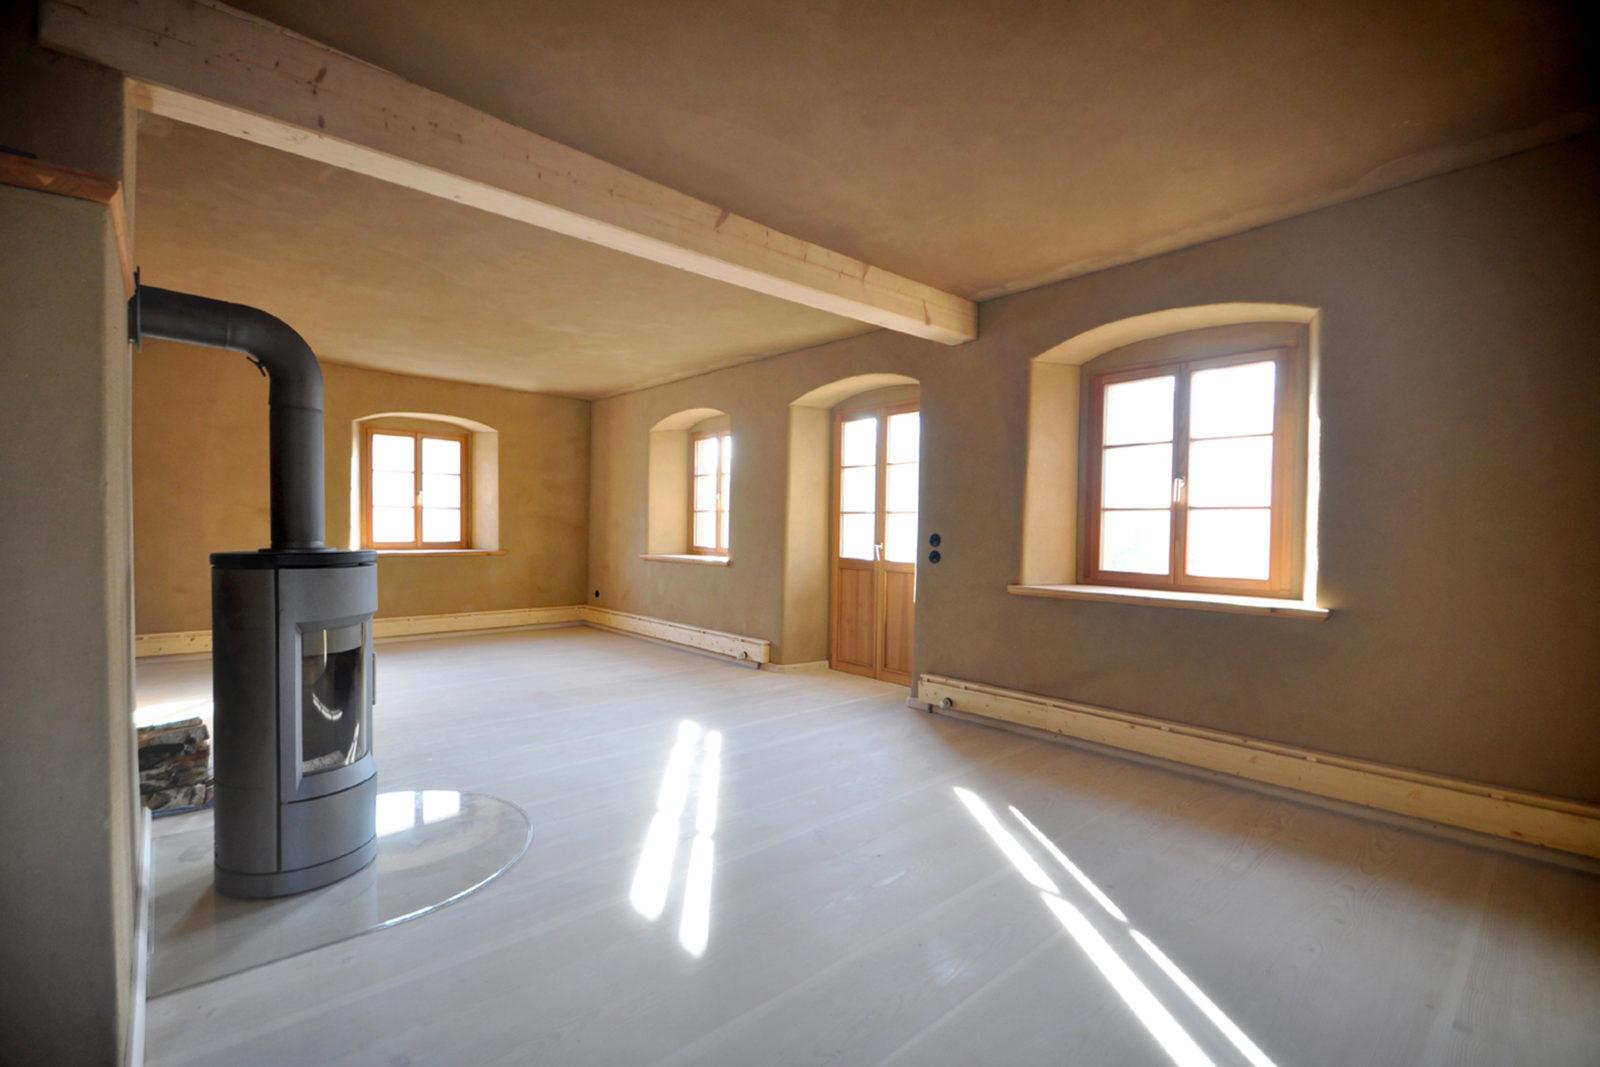 Umbau und Sanierung Baudenkmal Rentmeisterhaus in Püchau - Wohnküche